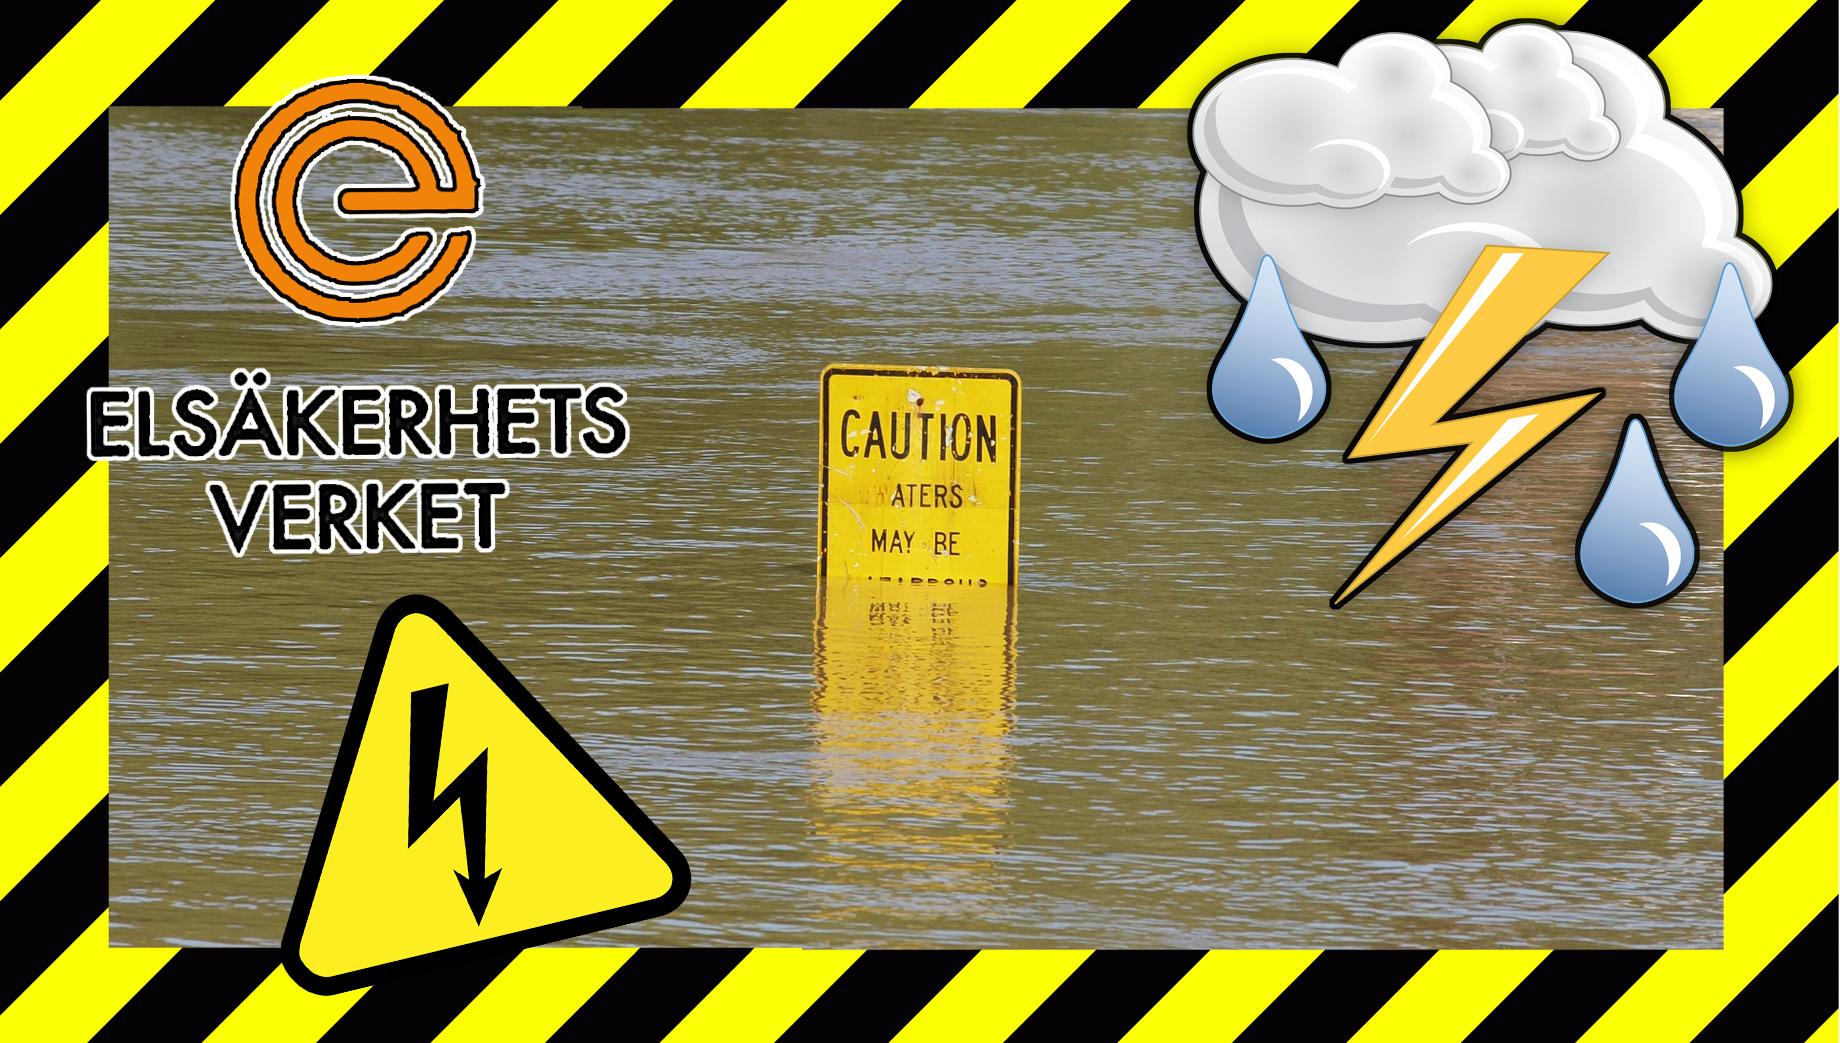 Bilden föreställer en vattenyta där en gul skylt med texten Caution sticker upp i mitten. Runt bilden finns en gul-och-svart-randig ram, och över motivet är monterat ett tecknat regnmoln med blixt, en gul triangulär varningsskylt och Elsäkerhetsverkets logotyp.